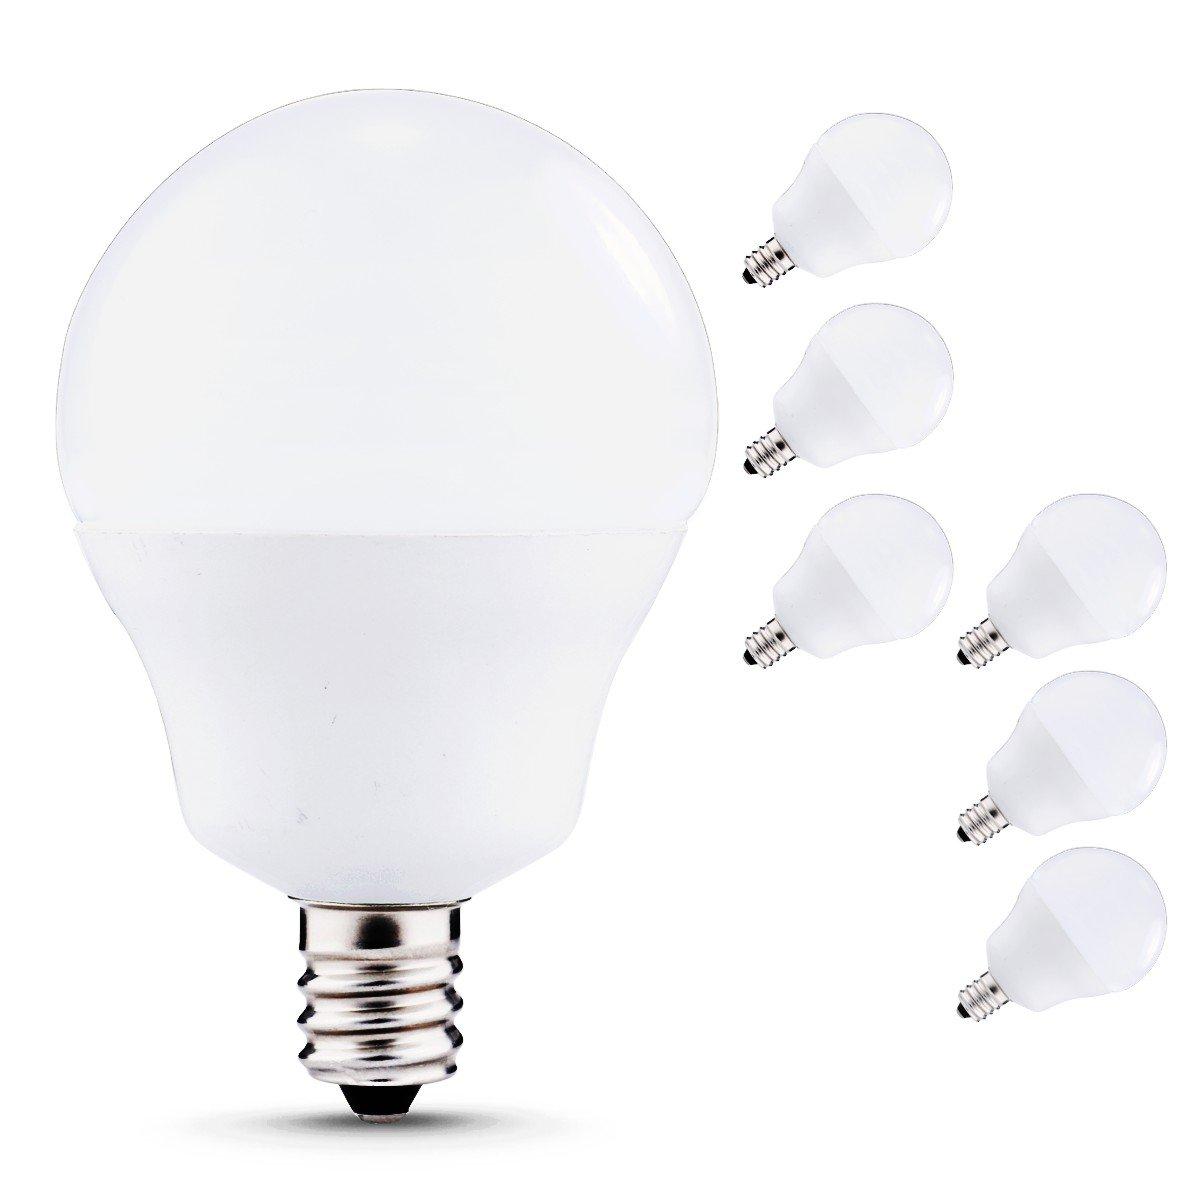 LED Light Bulbs Candelabra Base 40W Equivalent, JandCase 5W, 450lm, Natural Daylight White 4000K, G14 LED Globe Bulbs for Ceiling Fan, Vanity Mirror Light, E12 Base, 6 Pack